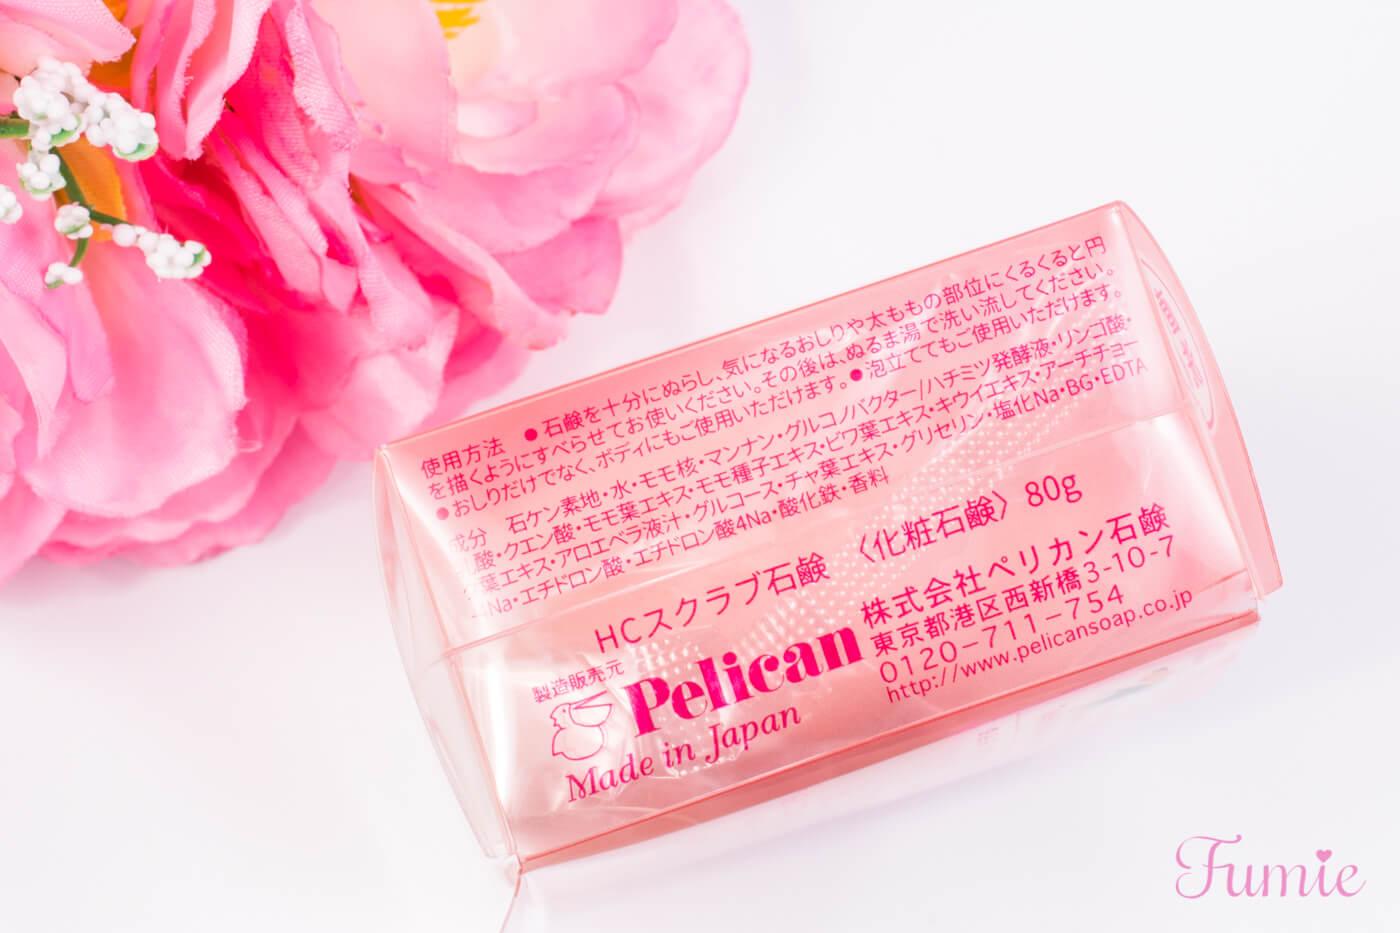 ペリカン石鹸 恋するおしり ヒップケアソープ パッケージ側面